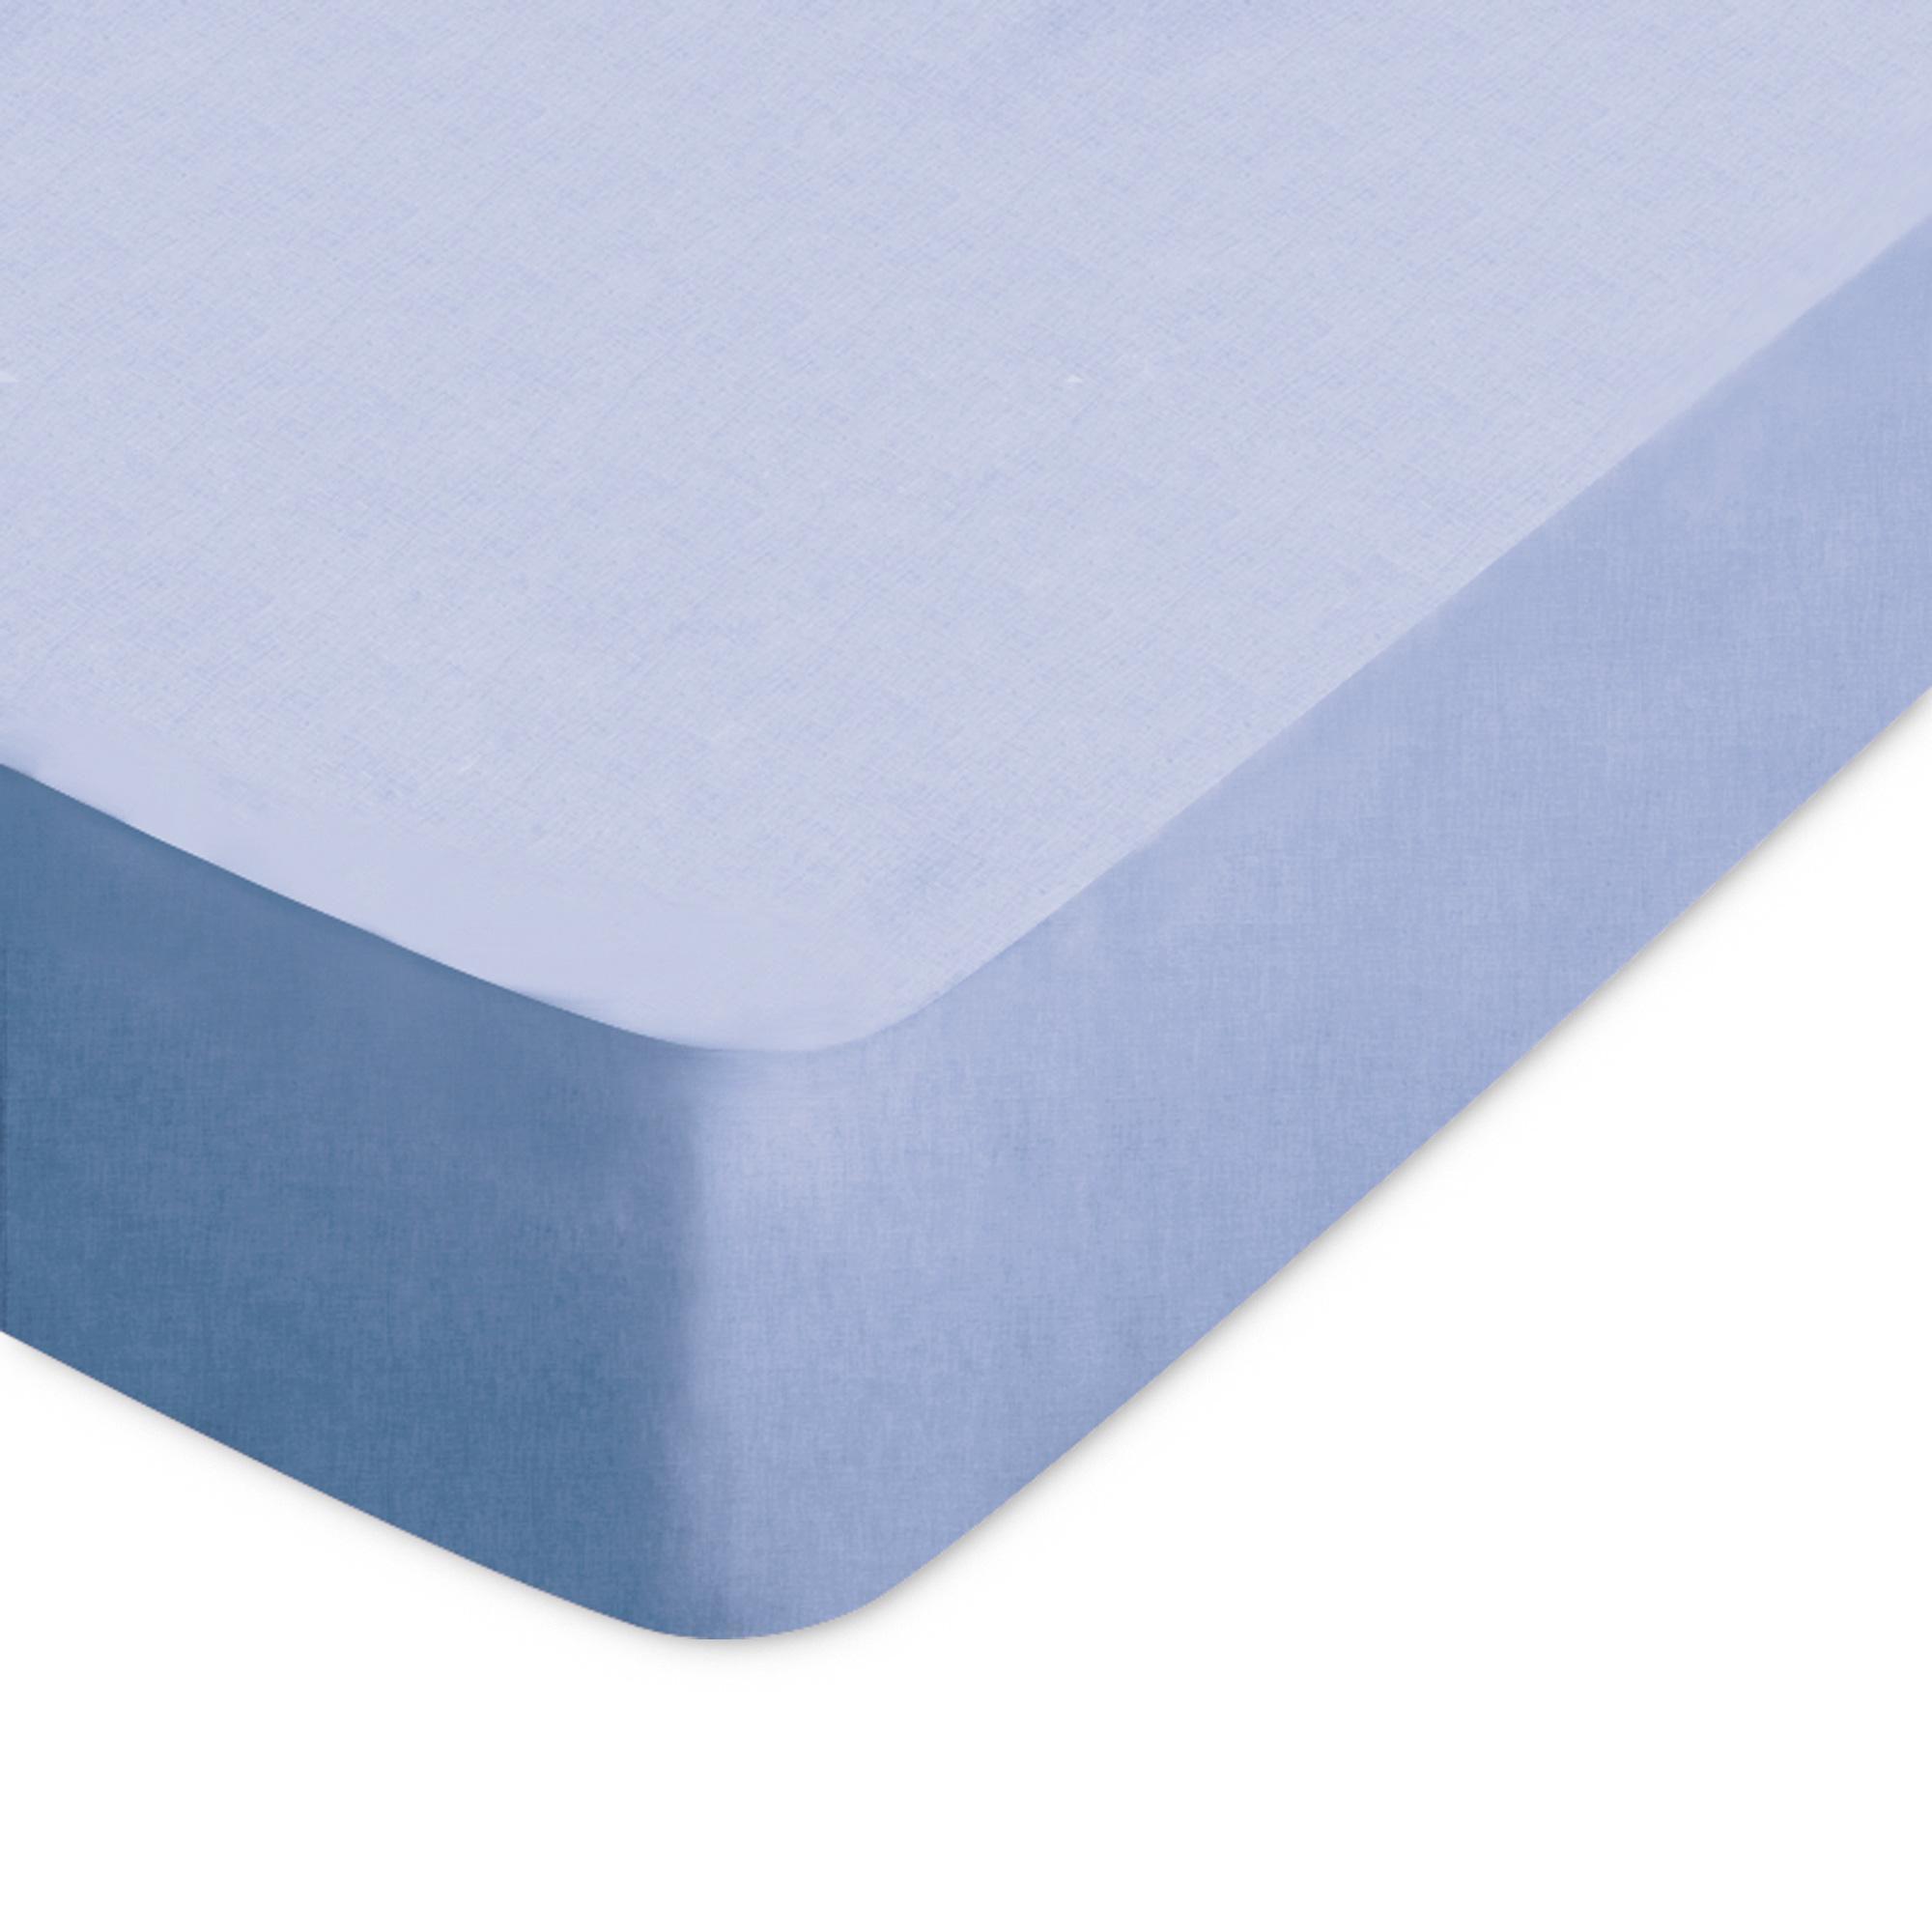 Drap housse coton 110x200 belle ile achat vente drap for Drap housse 80x190